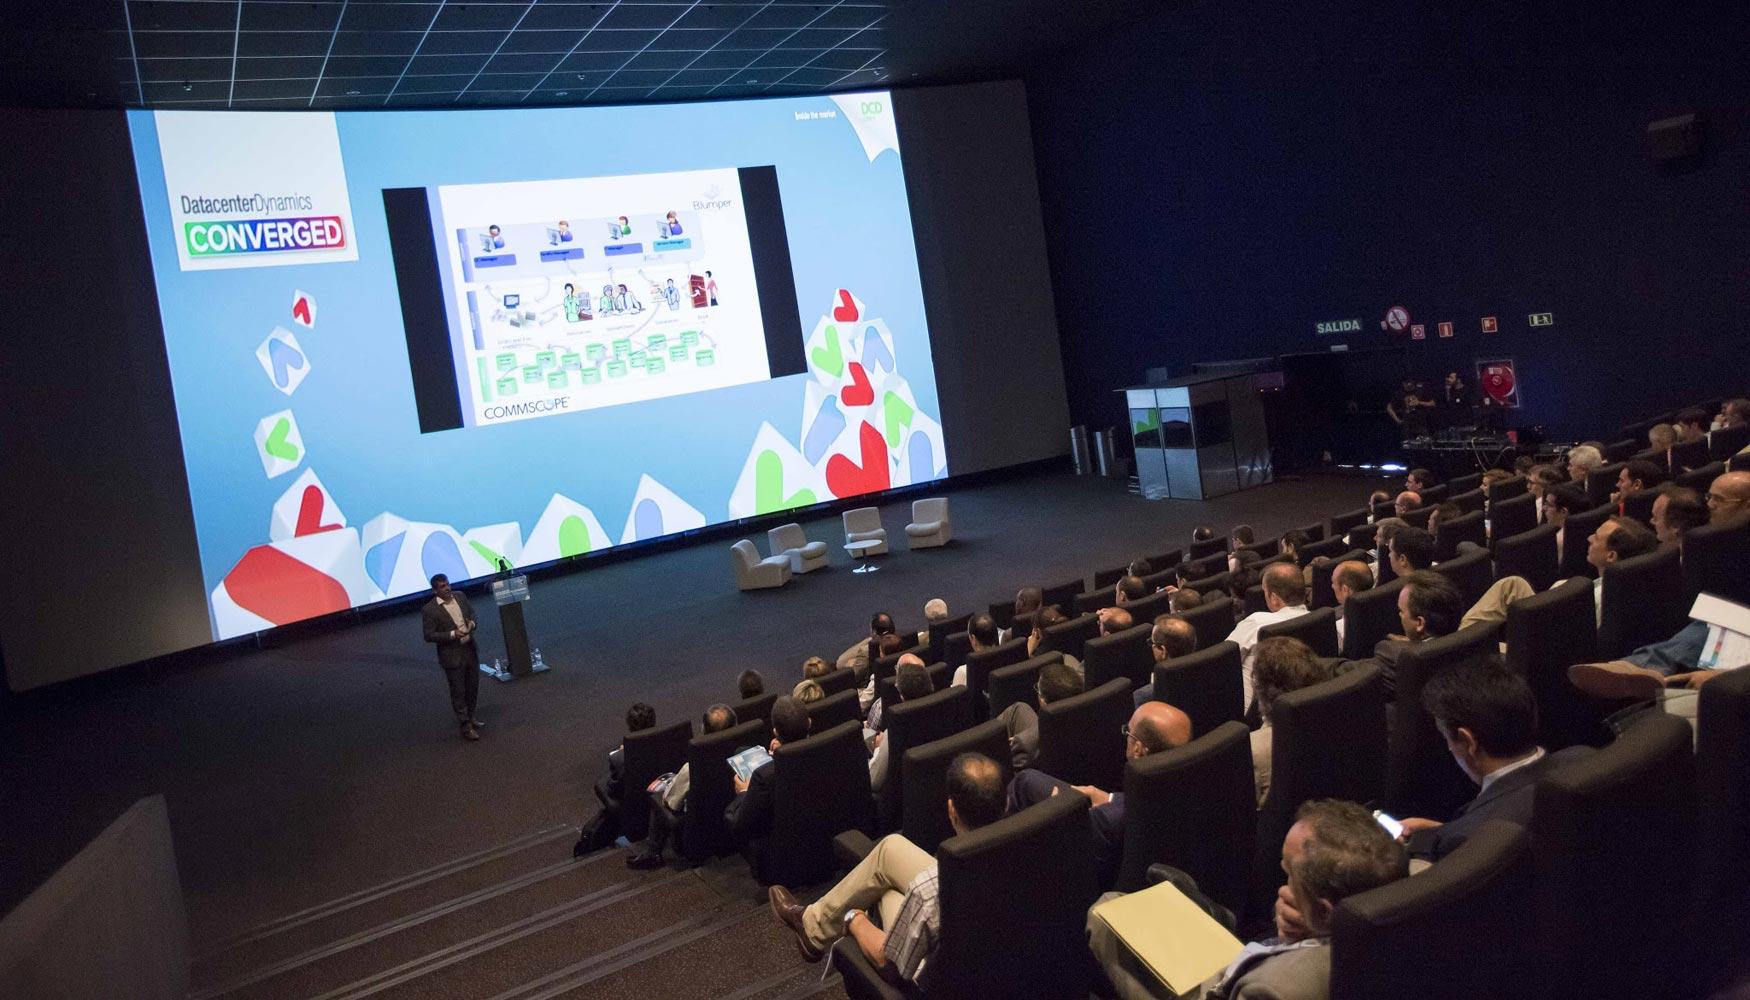 Comienza la 8 edici n de dcd converged madrid 2015 en for Sala 8 kinepolis